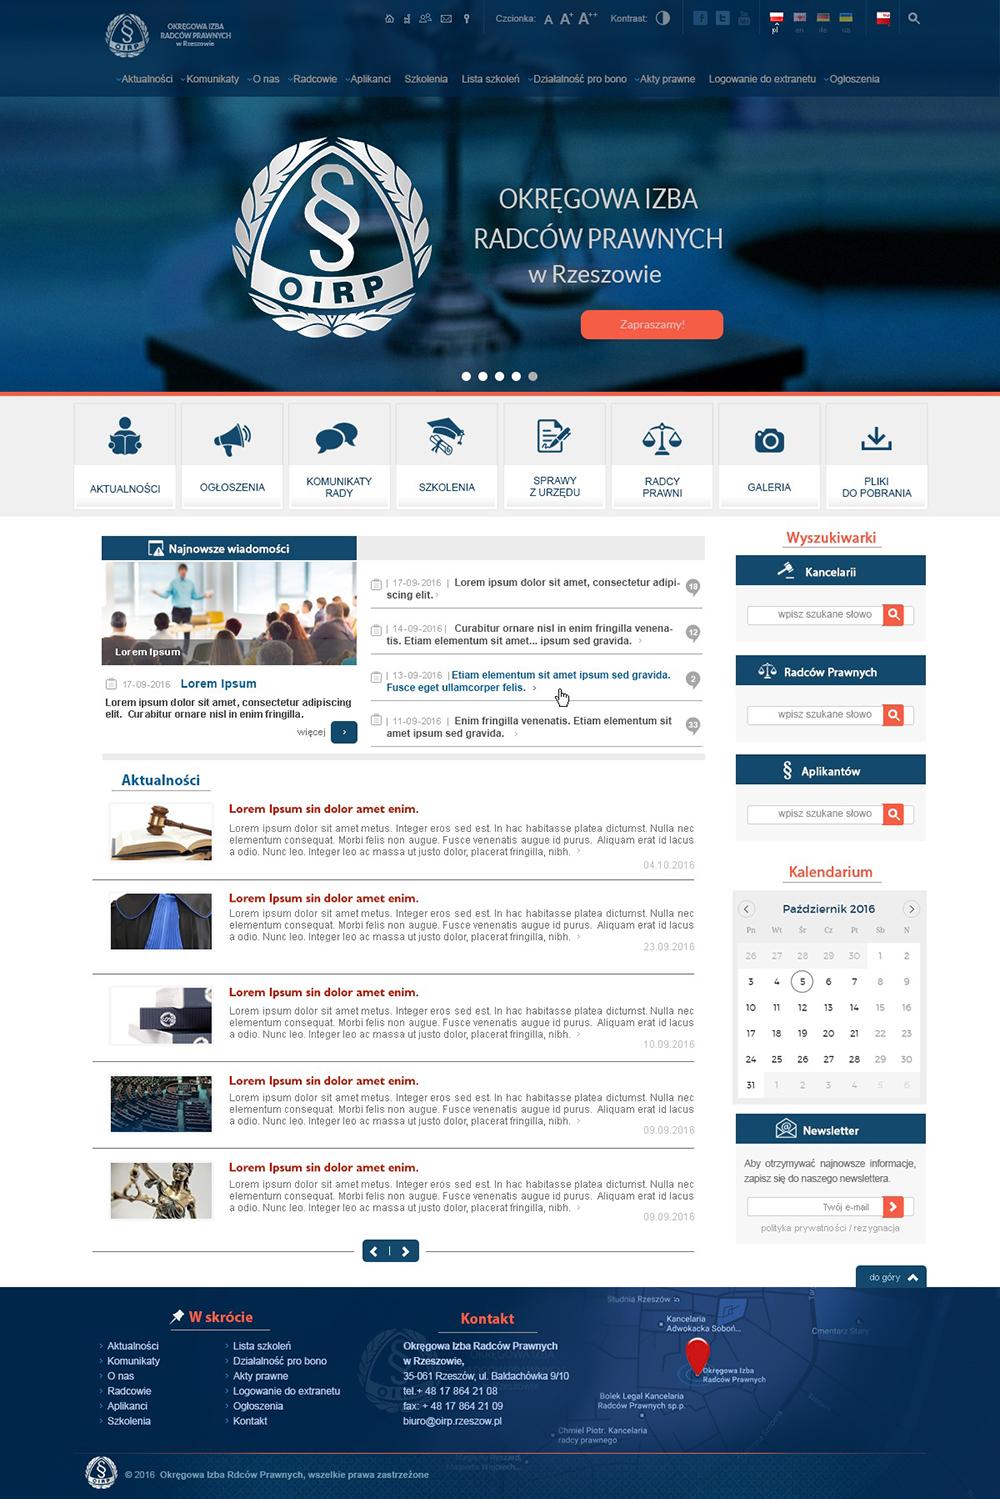 rostar - strony sklepy internetowe - oirp